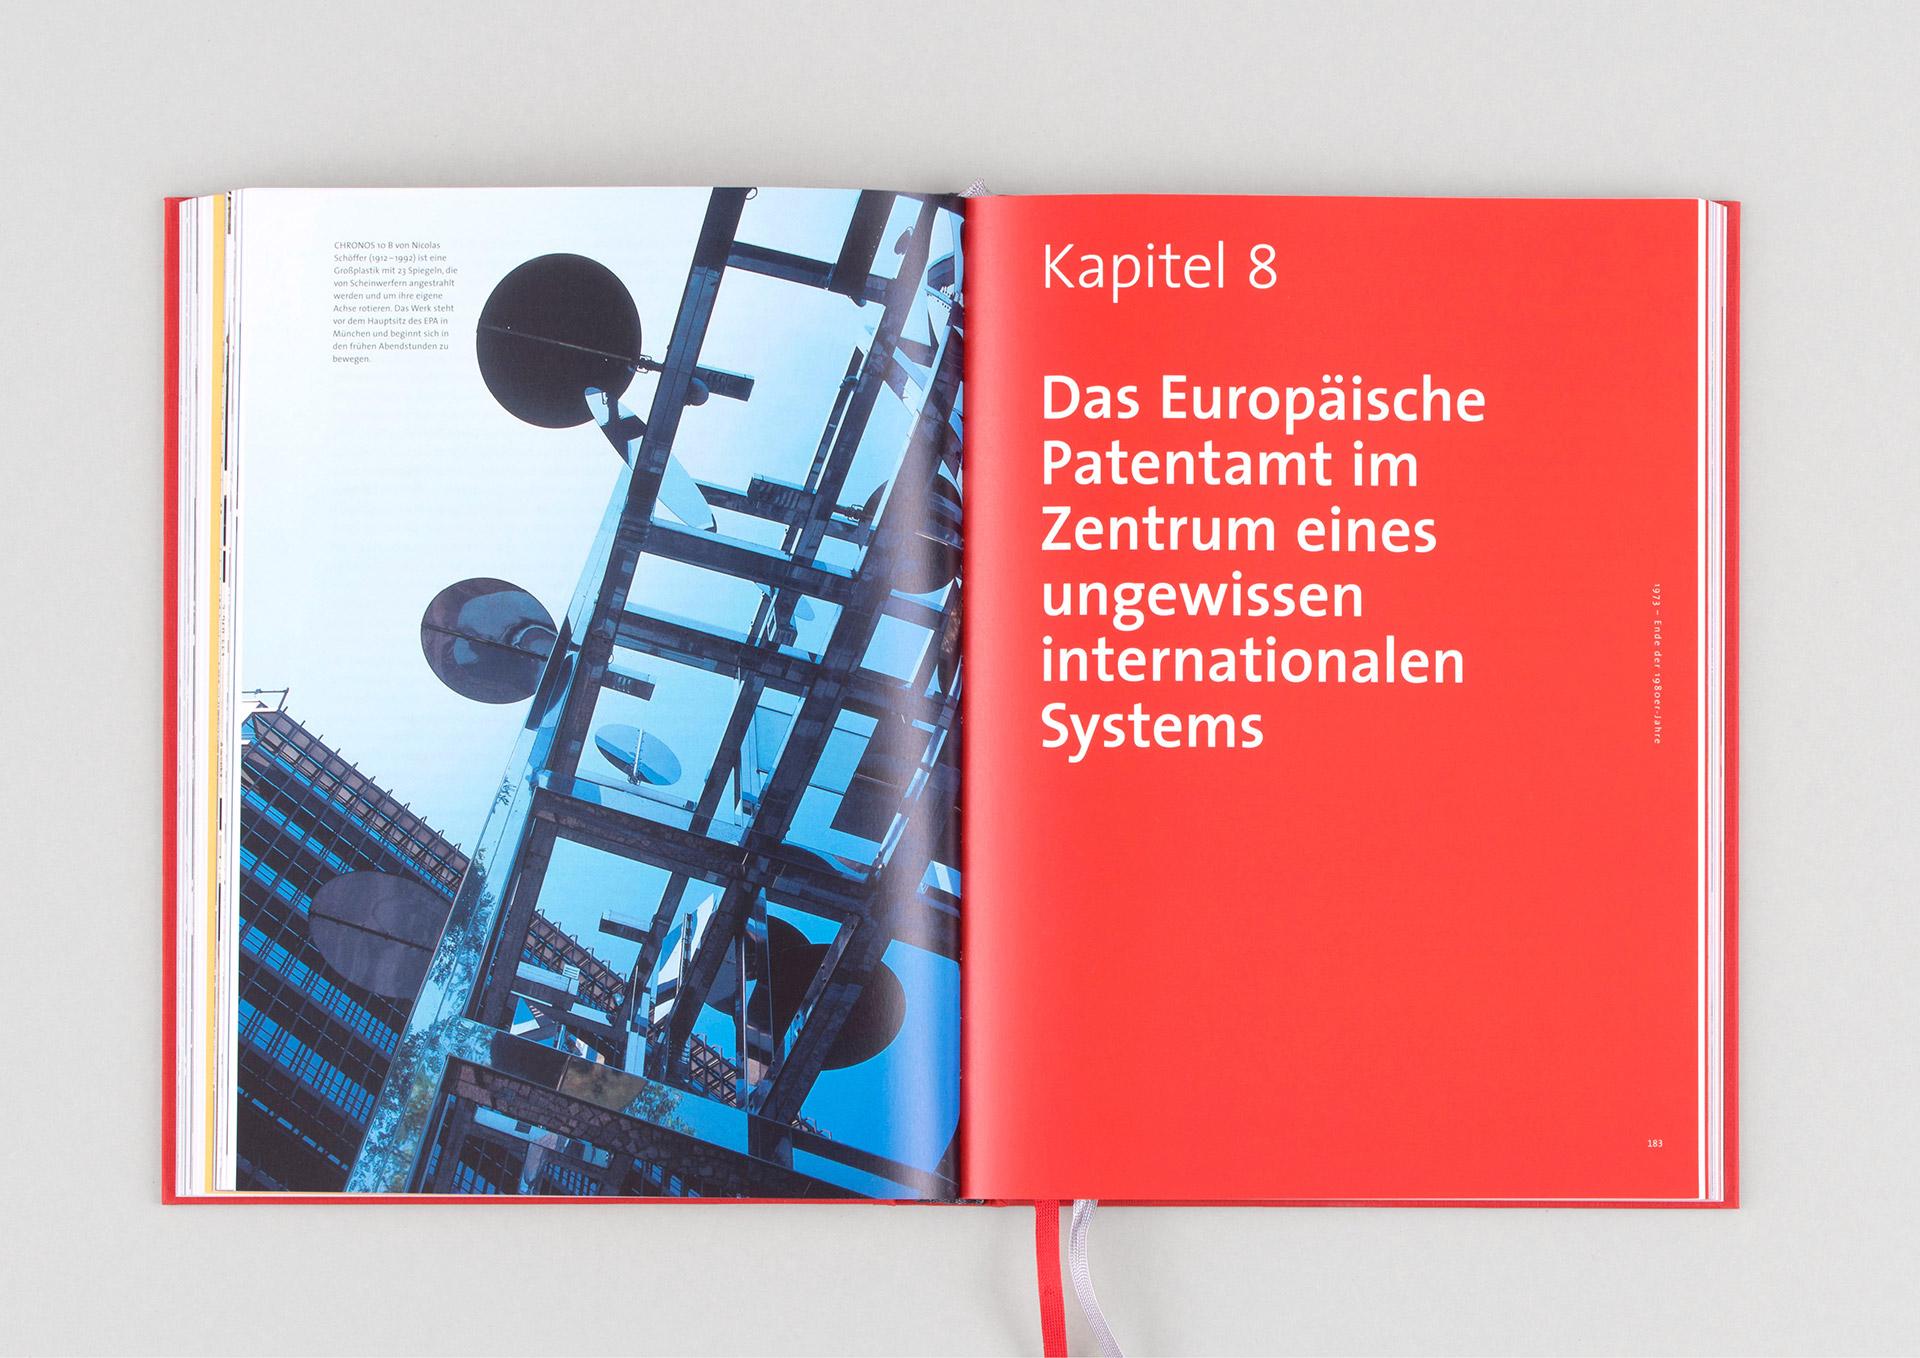 Martin-Steiner-Gestaltung149_b